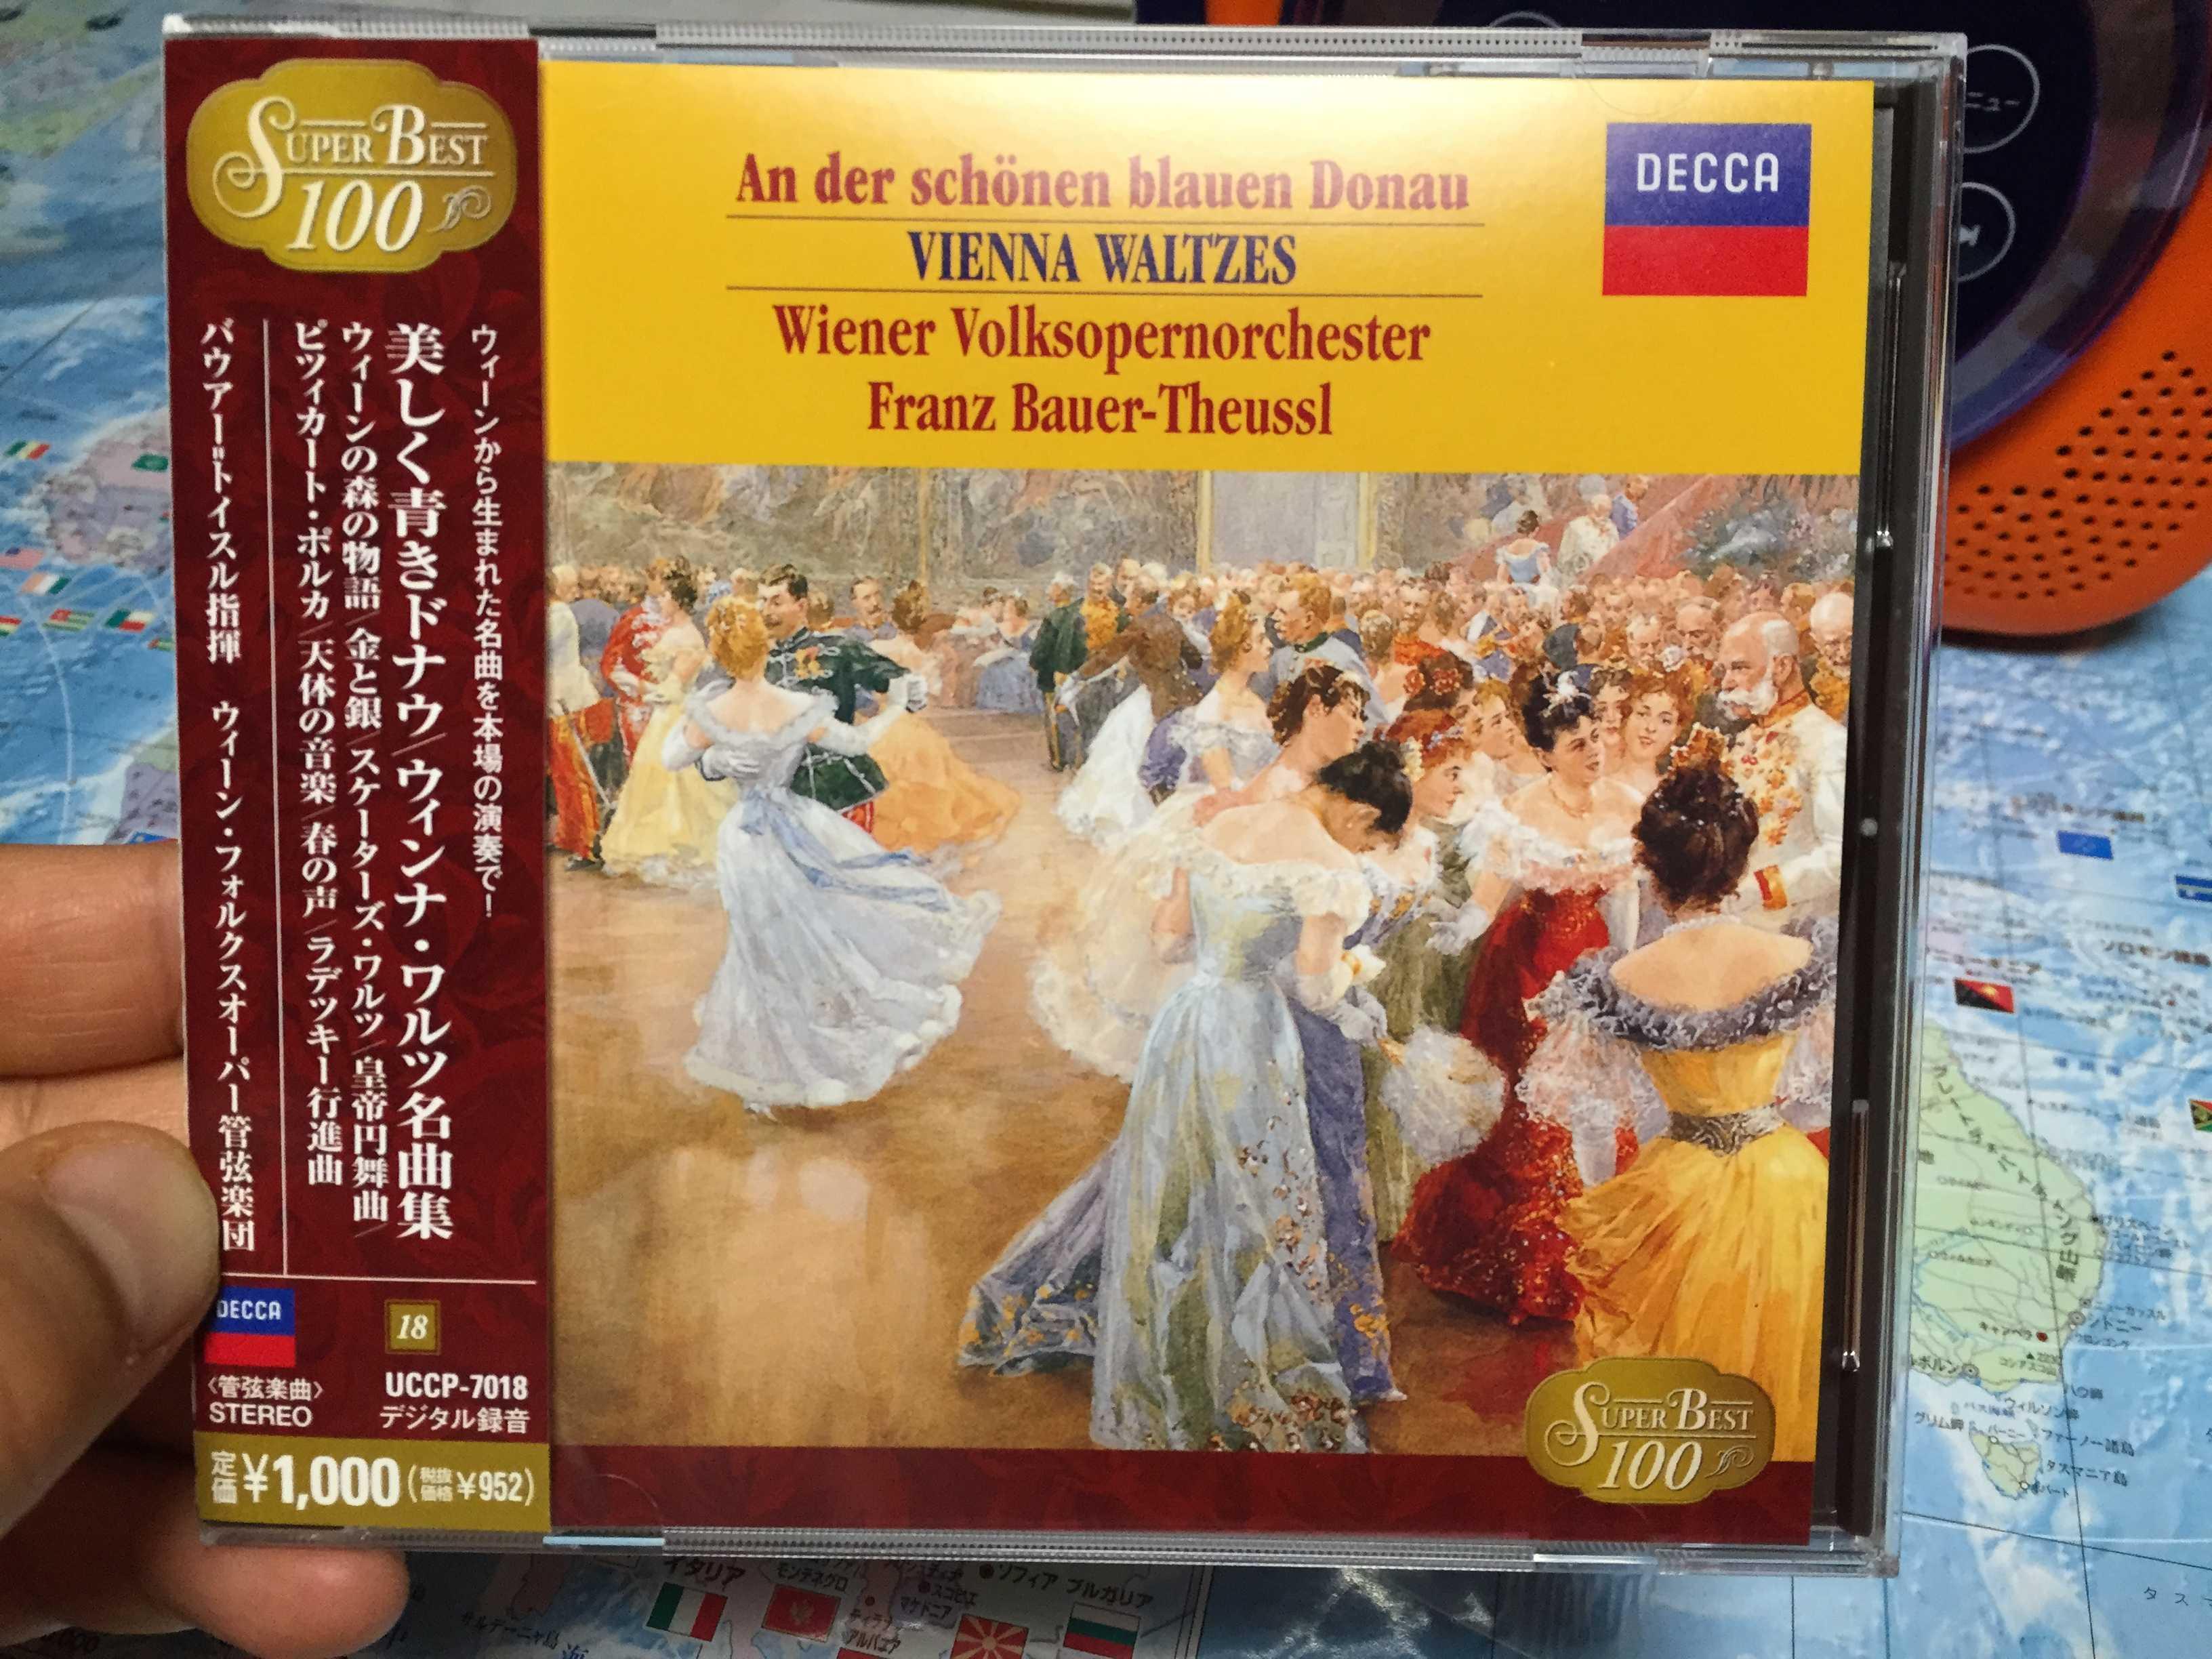 ウィーンから生まれた名曲を本場の演奏で!美しく青きドナウ / ウィンナ・ワルツ名曲集  Vienna Waltzes